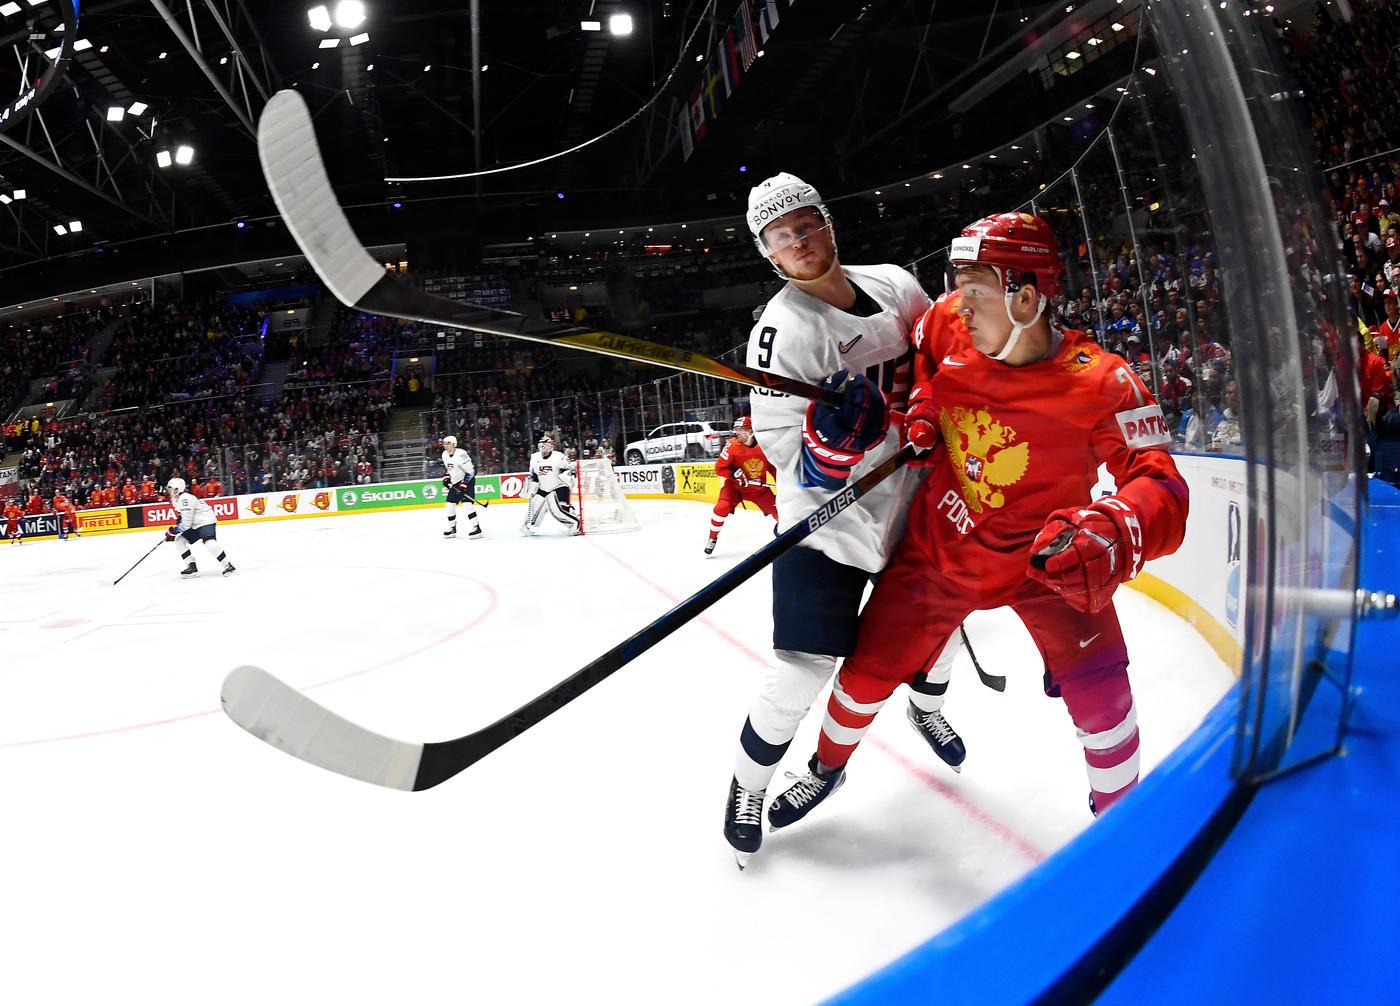 Капризов рвется из ЦСКА в «Миннесоту»: не продлевает контракт, ищет агента, хочет сыграть в НХЛ уже в этом сезоне - фото